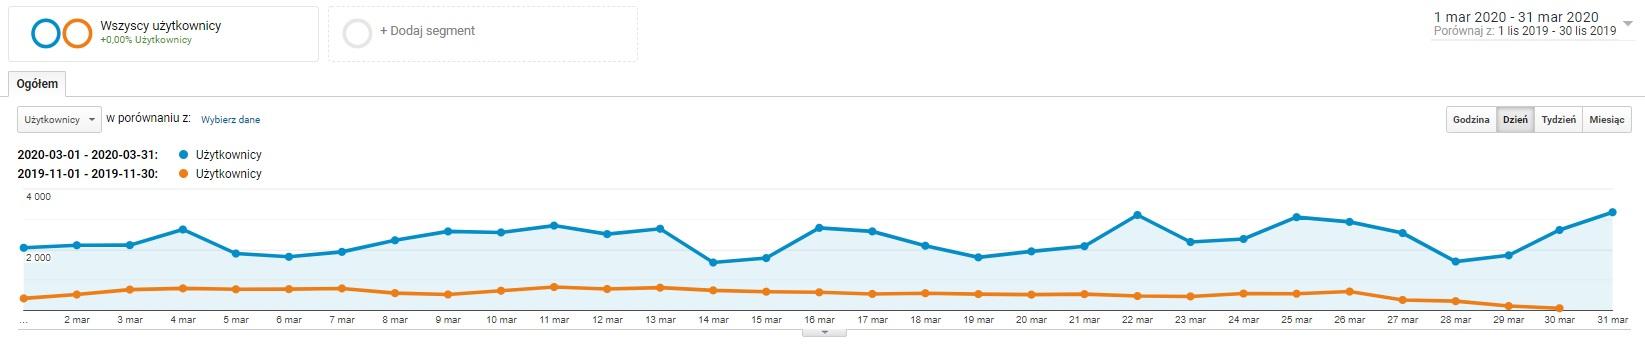 Wykres liczby użytkowników e-sklepu - porównanie listopad 2019 vs. marzec 2020